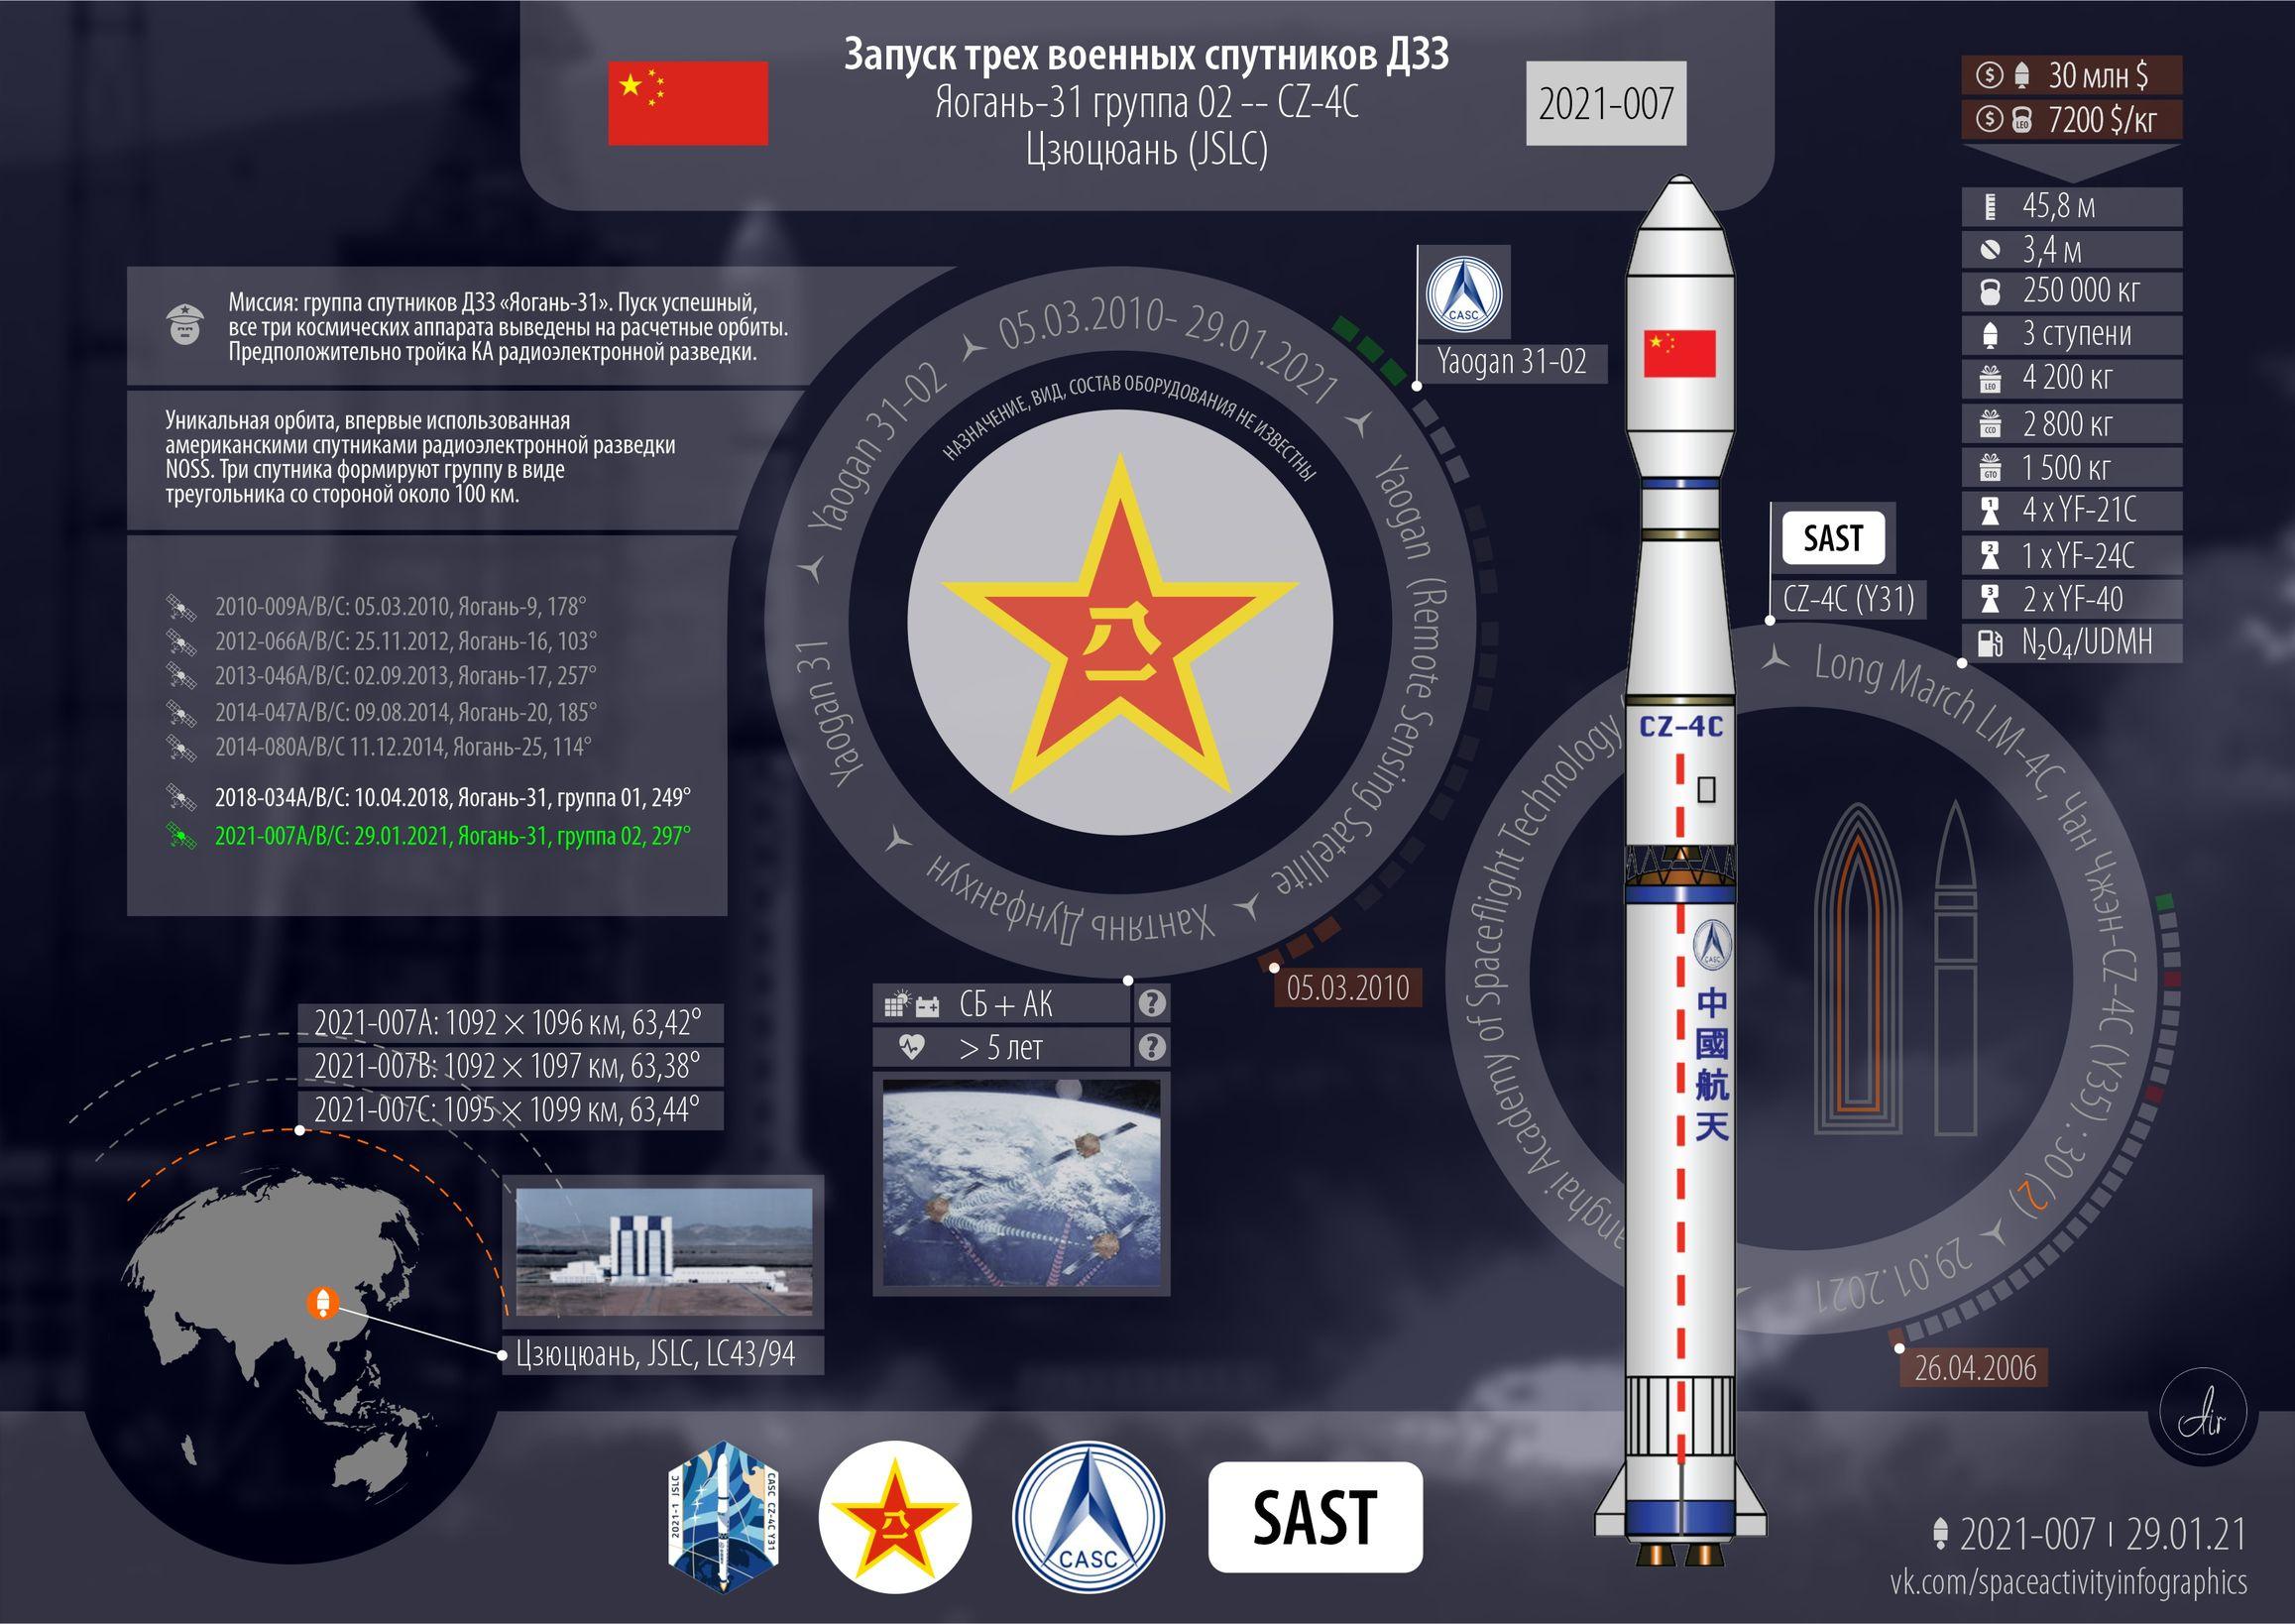 Инфографика текущего запуска. Изображение спутника отсутствует.